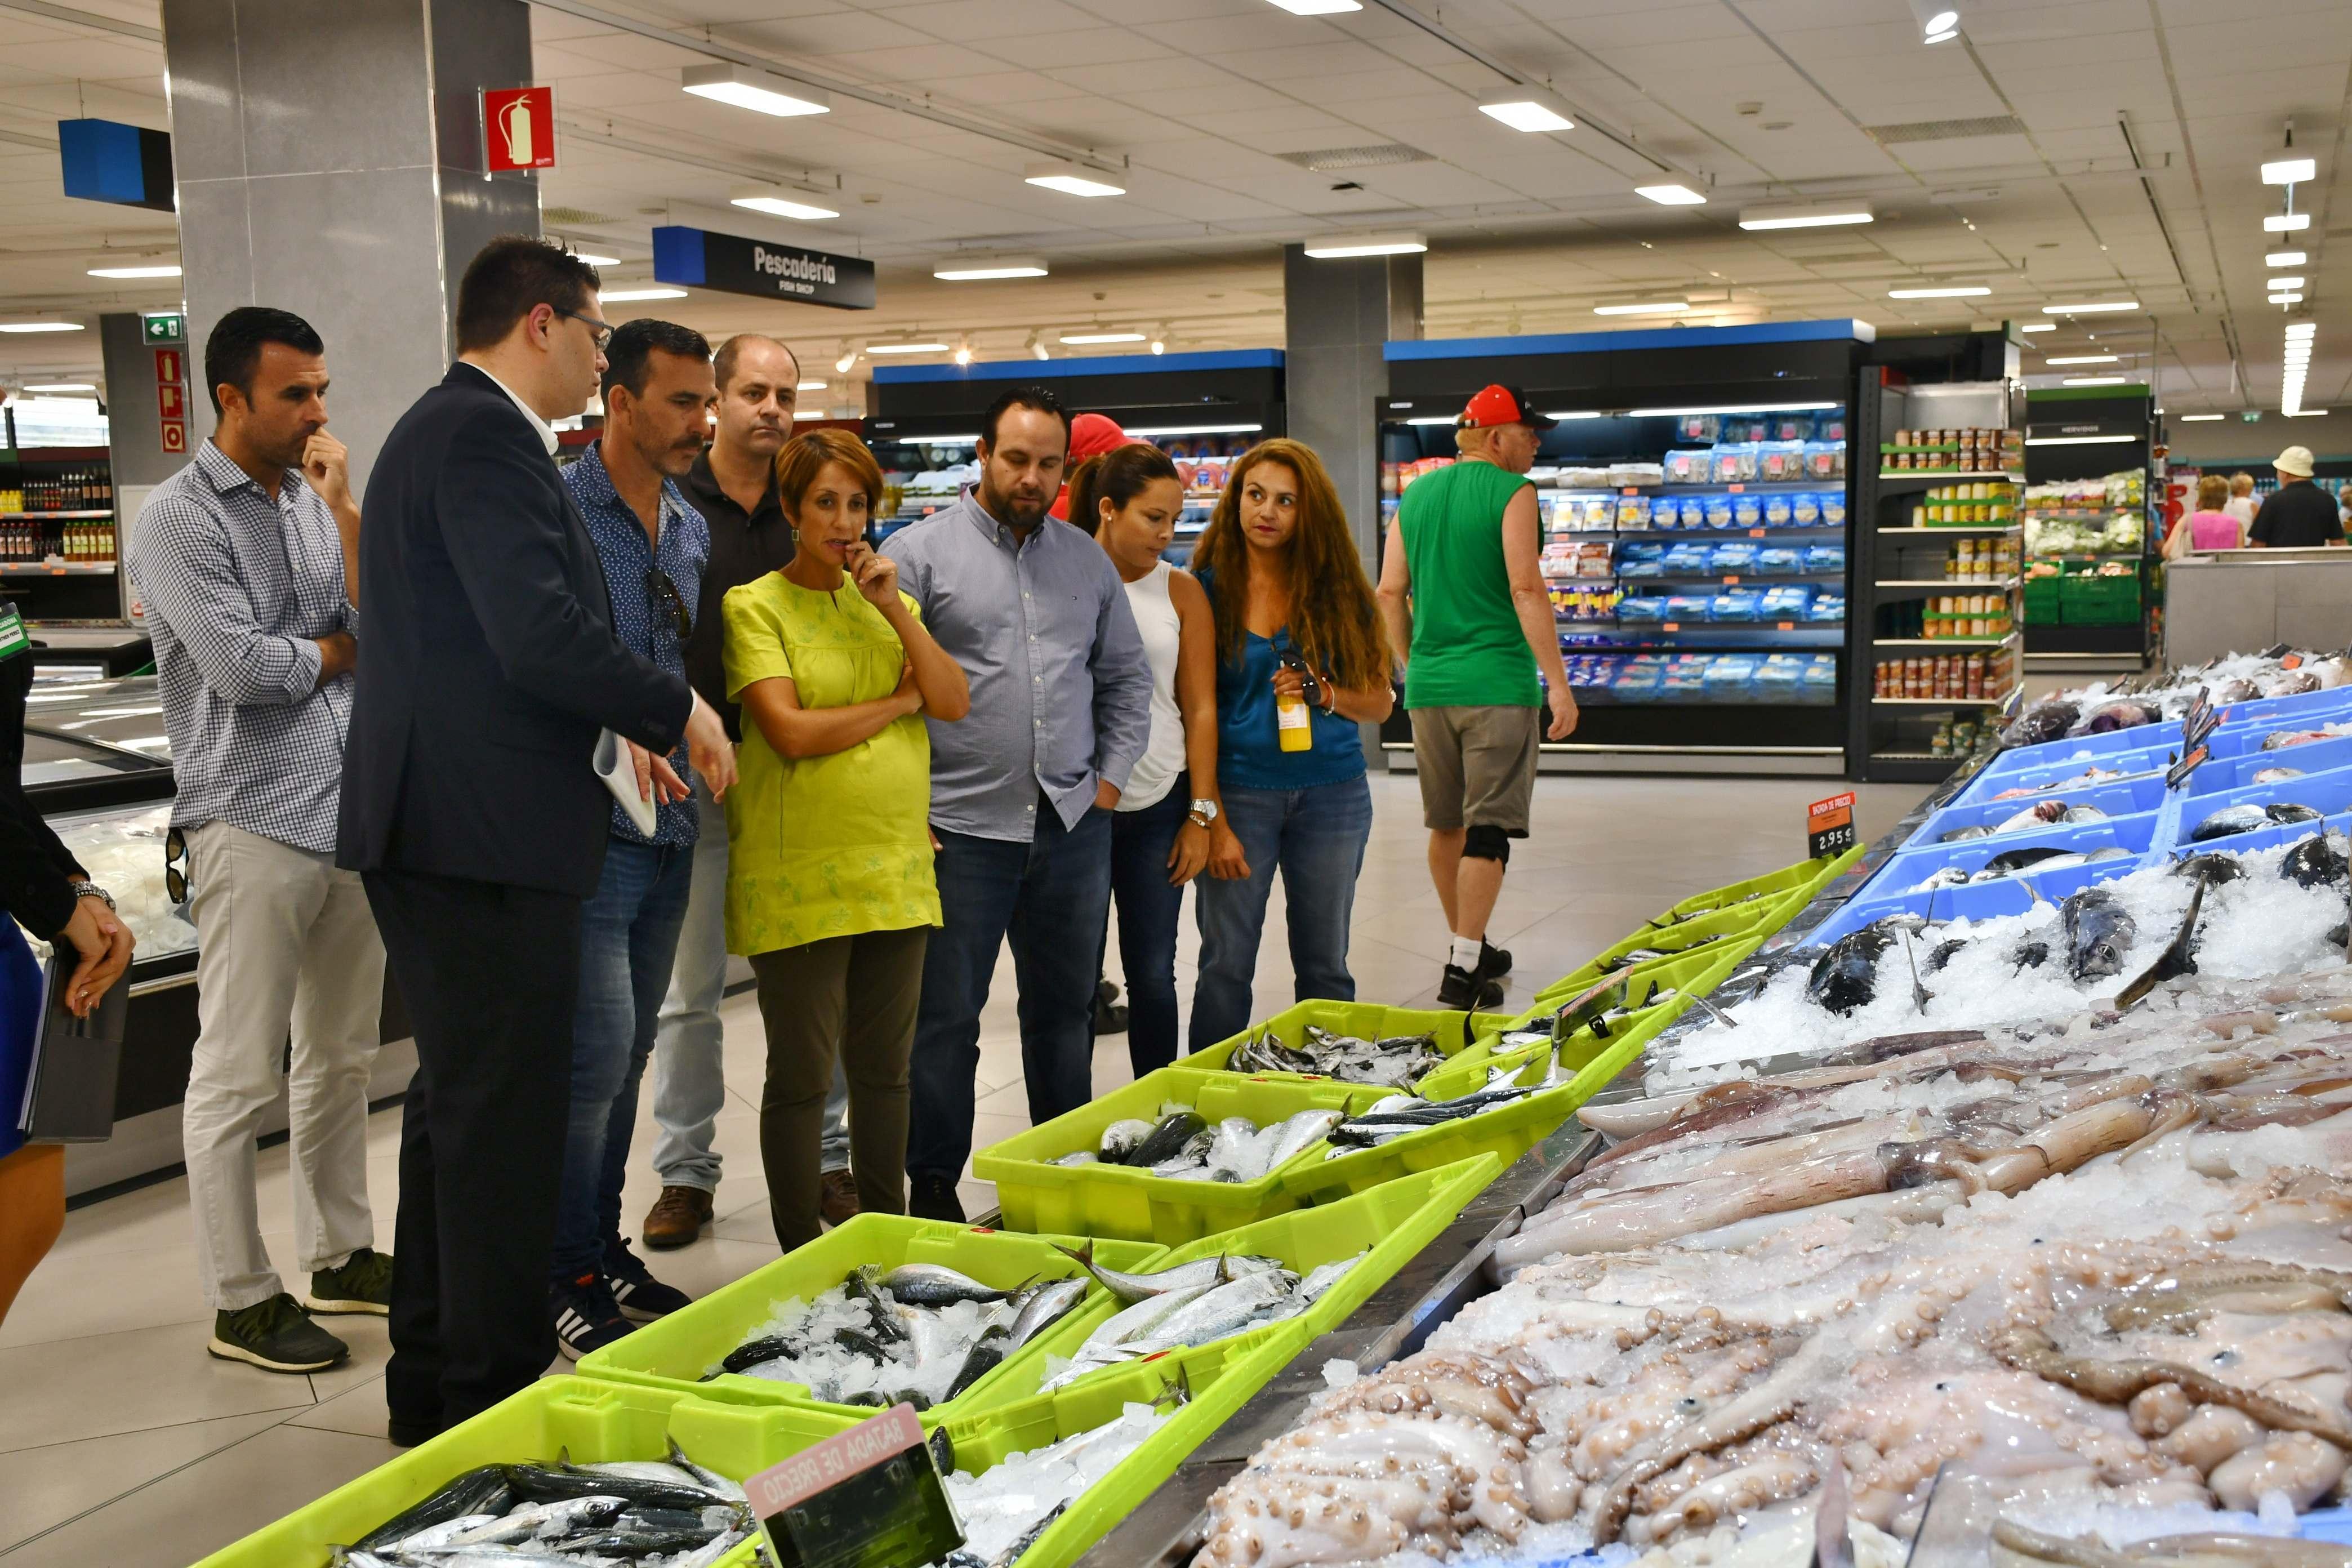 El grupo de gobierno de Mogán visita el supermercado Mercadona recién inaugurado en Puerto Rico